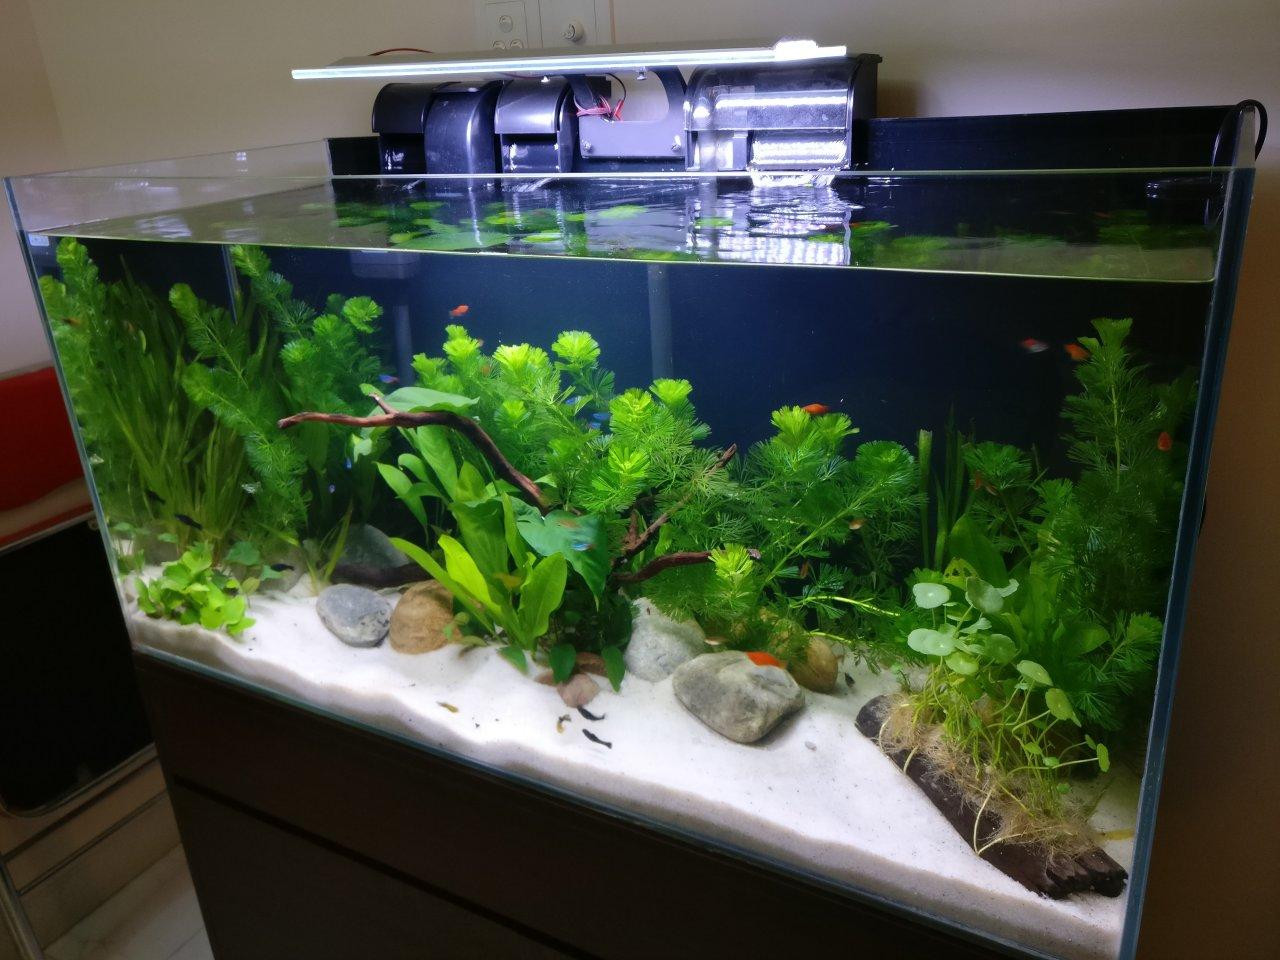 Fish in my aquarium are dying - Fish In My Aquarium Are Dying